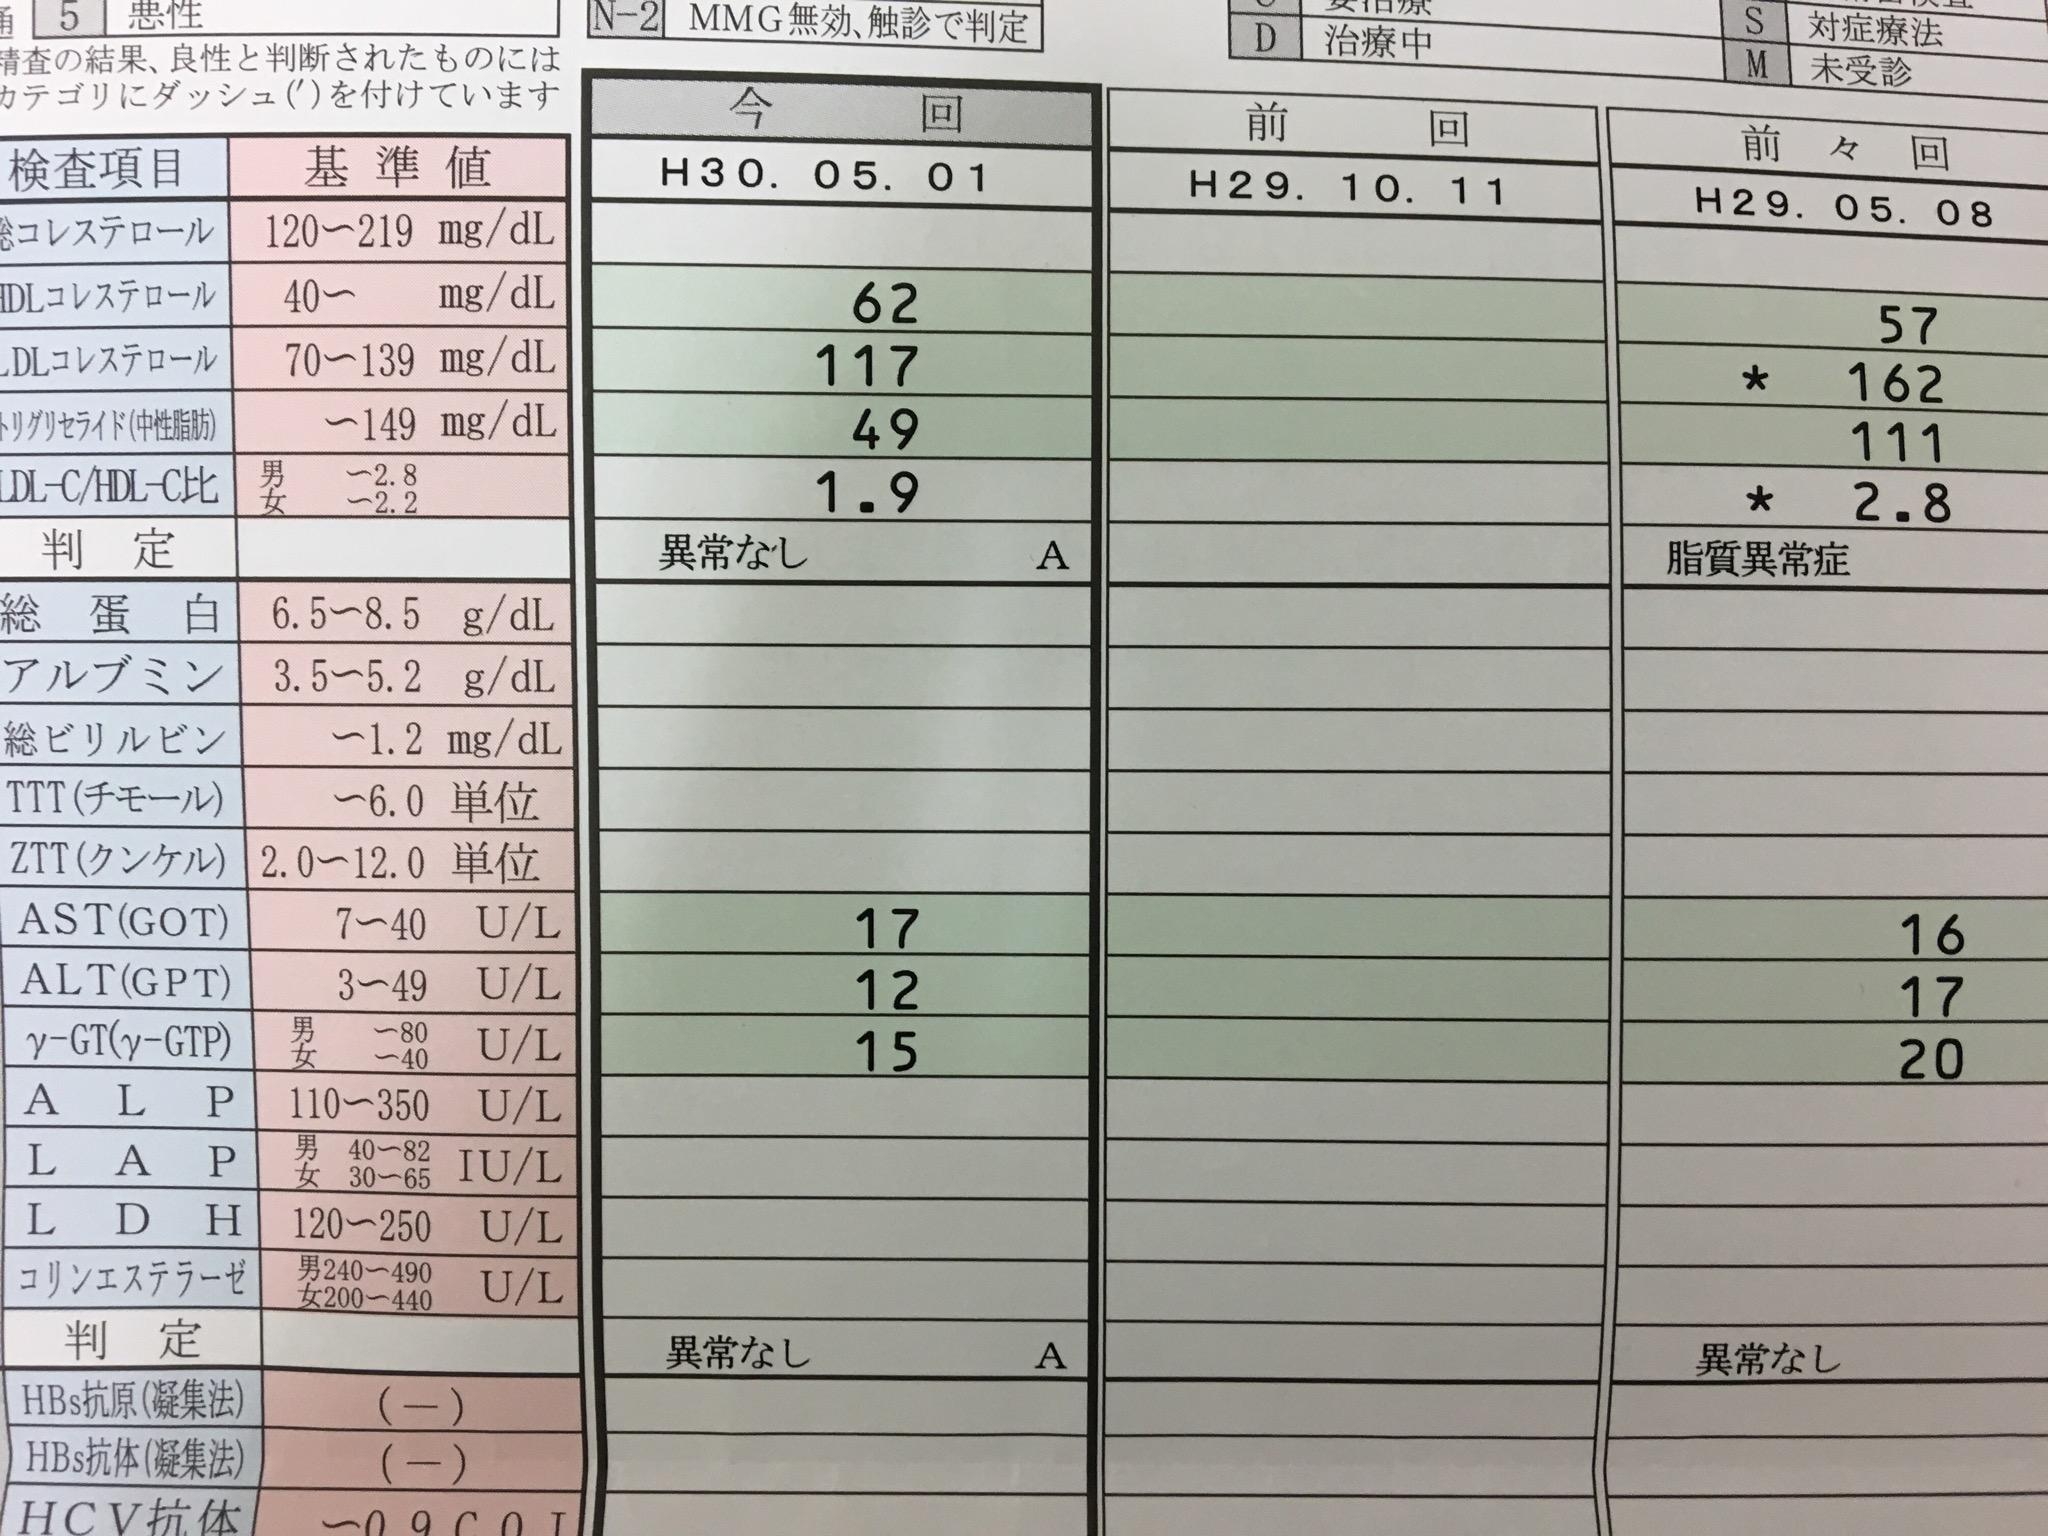 大阪市西淀川区Mさん16kgダイエットで高血圧、LDLが改善